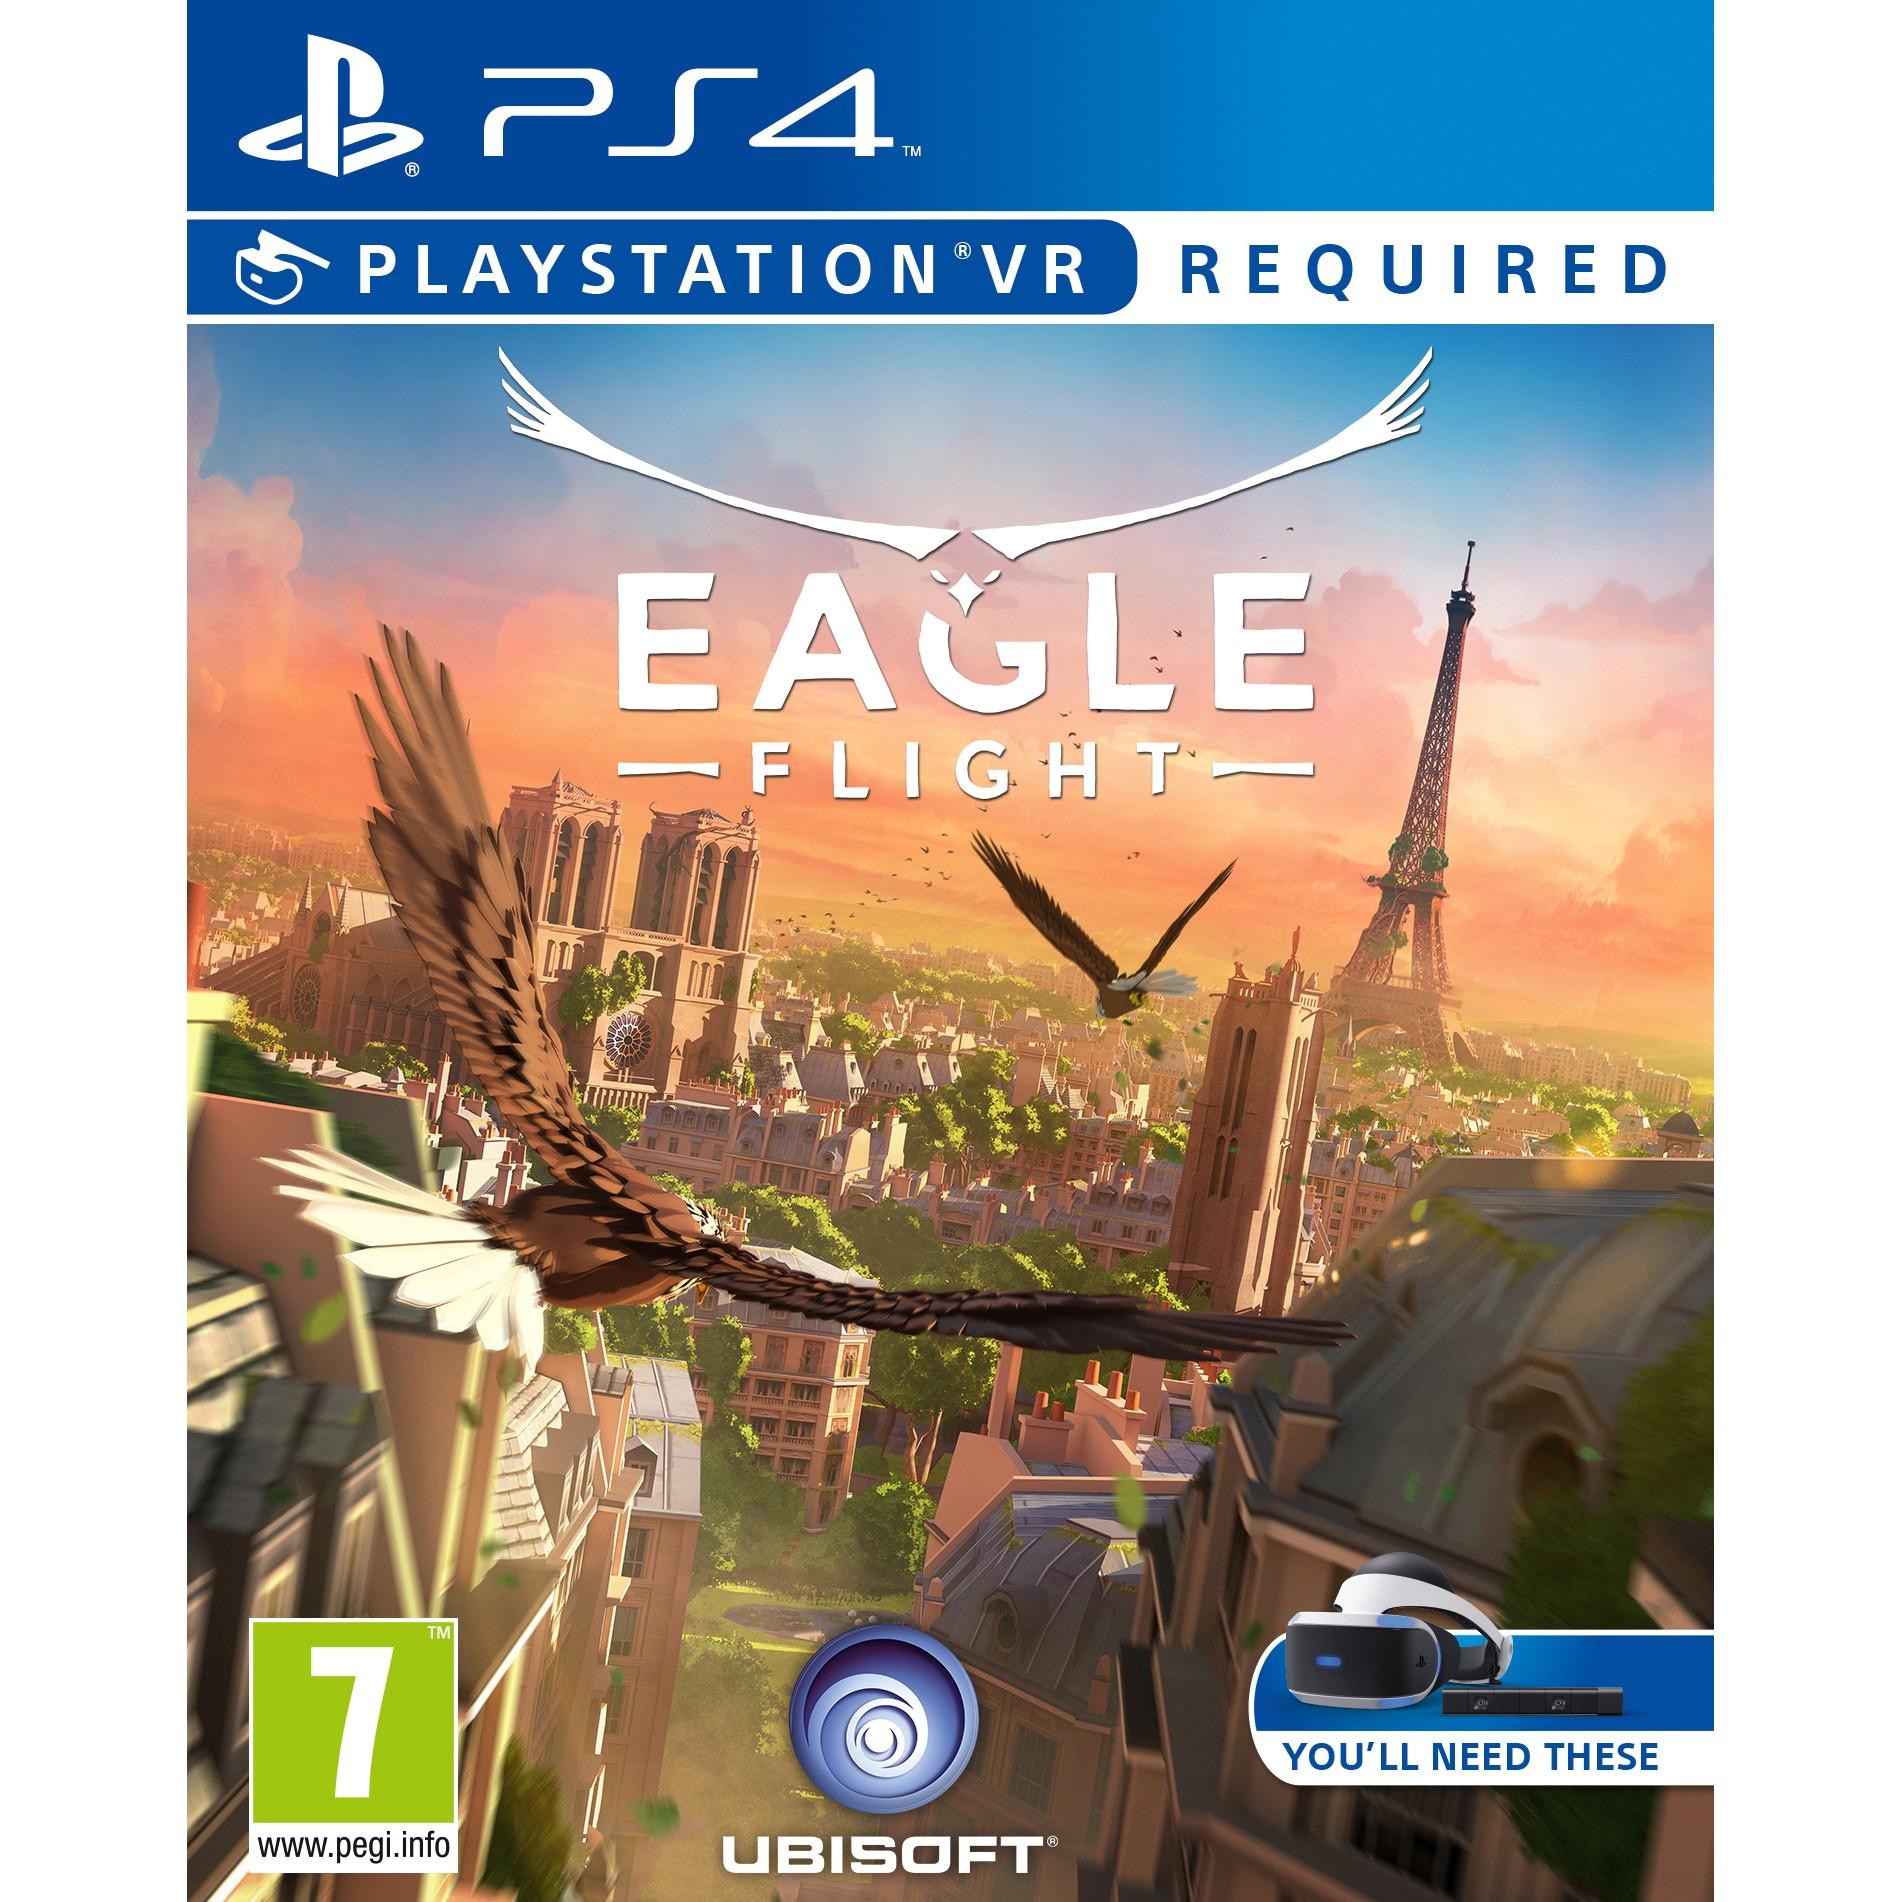 991077 : Eagle Flight VR (PS4 VR)